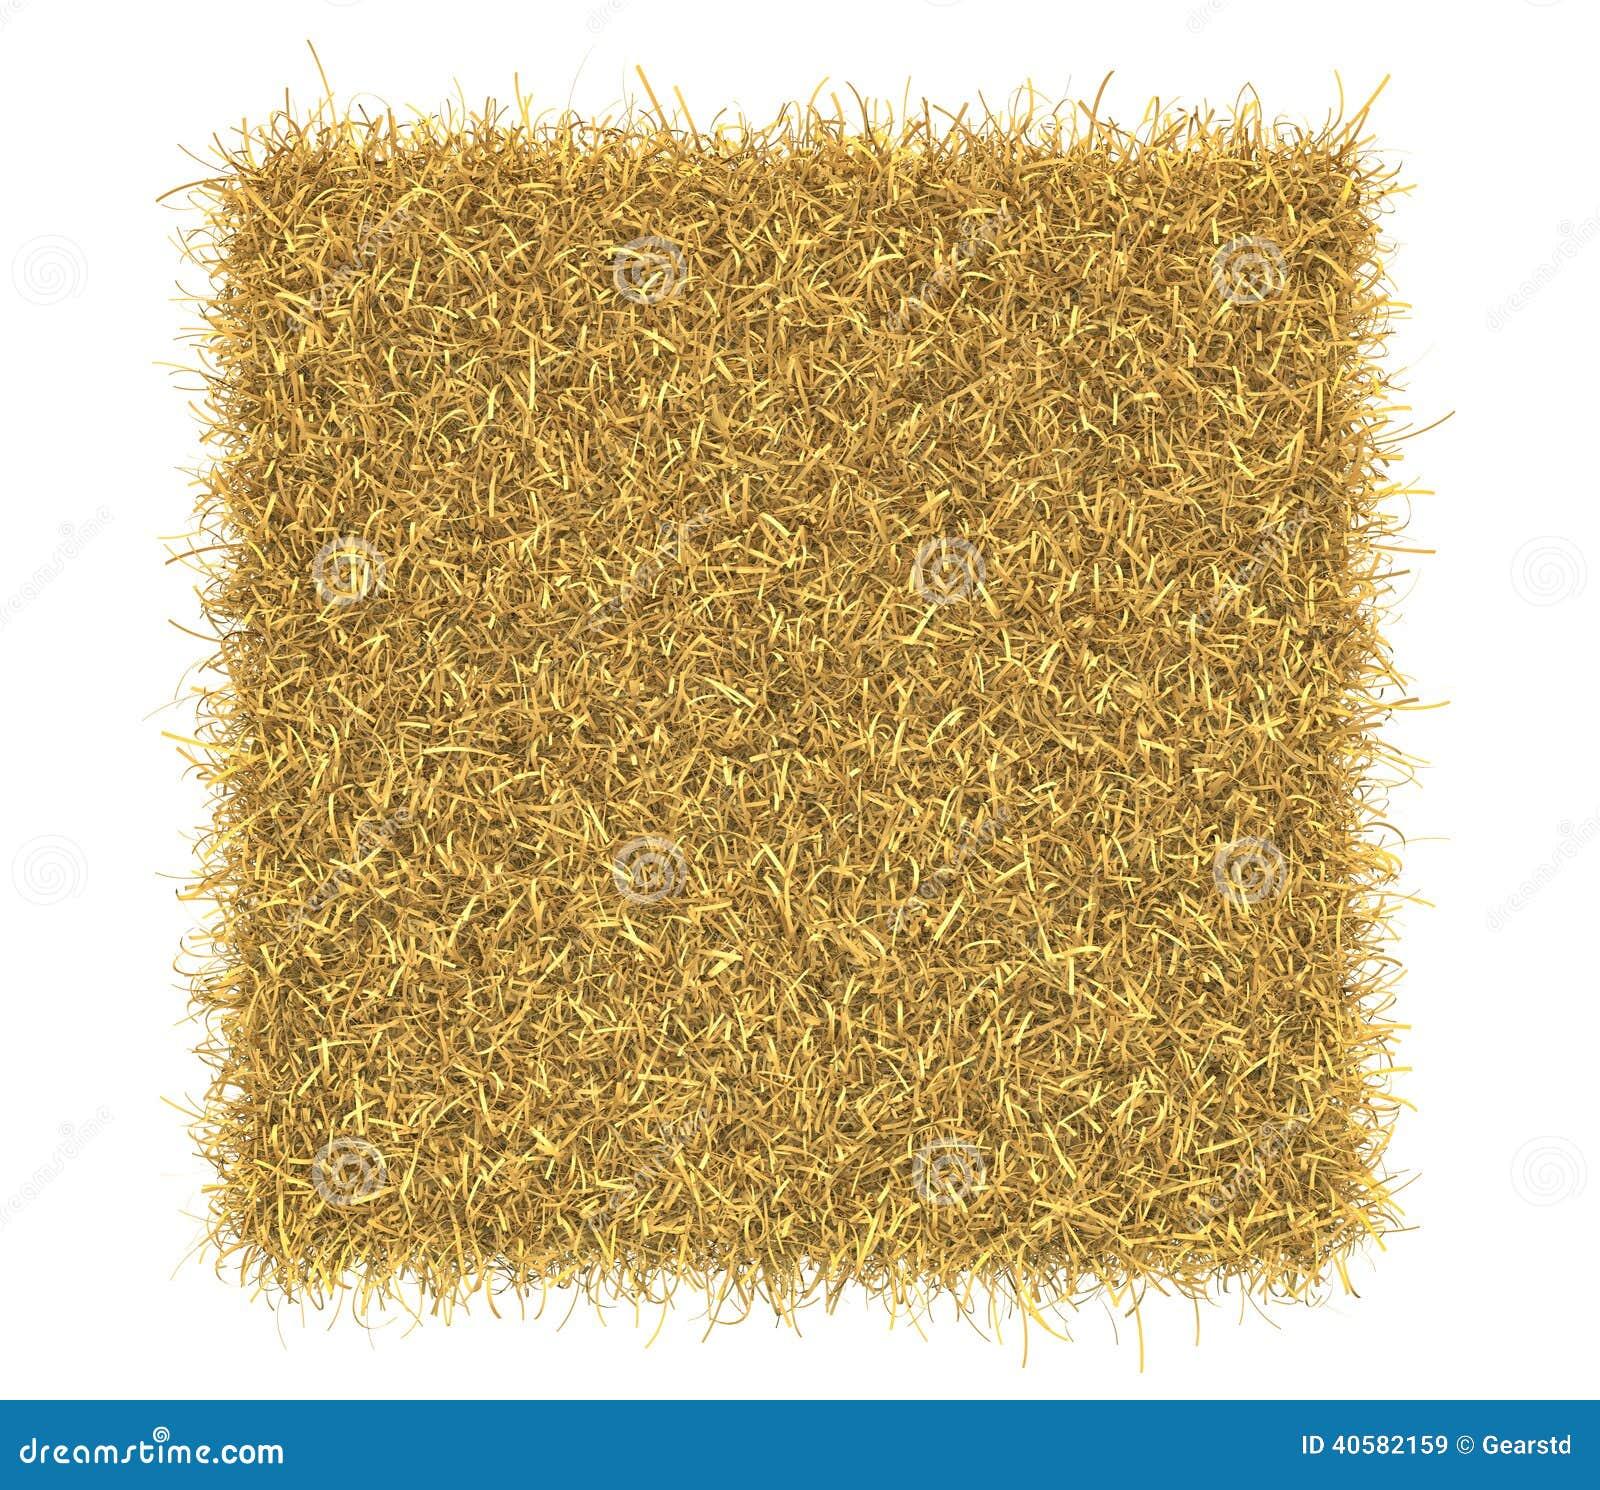 Связка сена изолированная на белой предпосылке